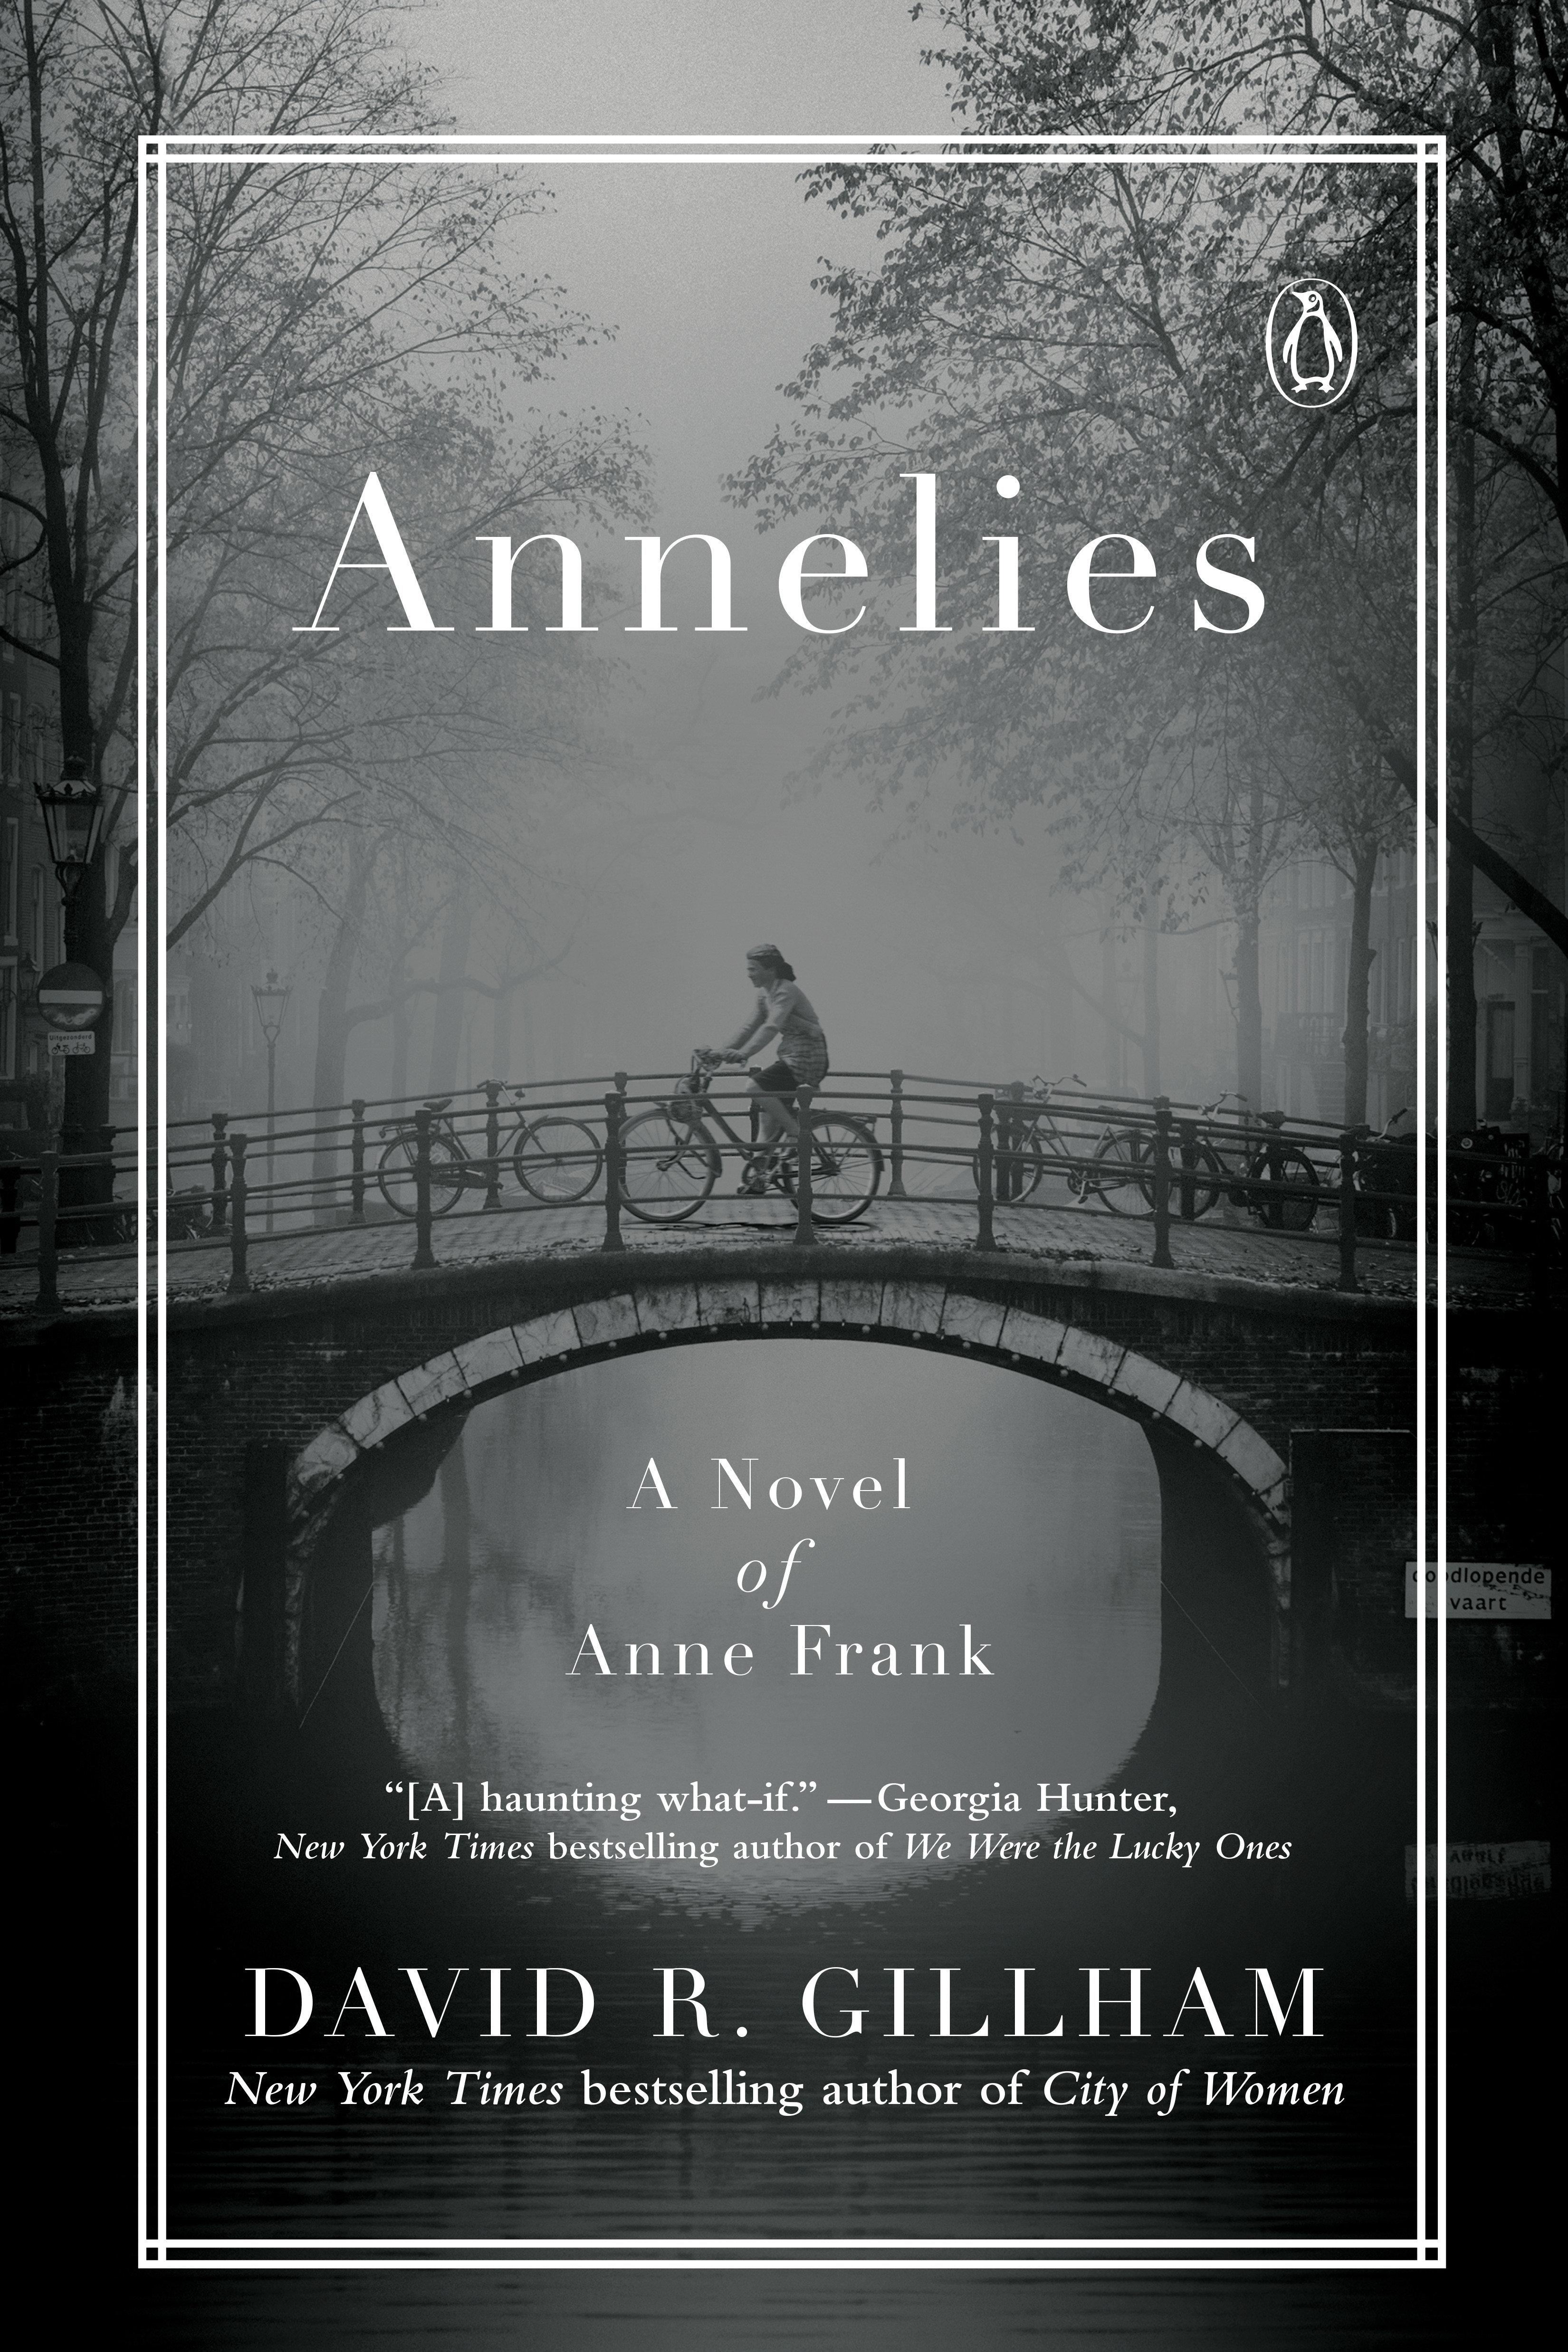 Annelies A Novel